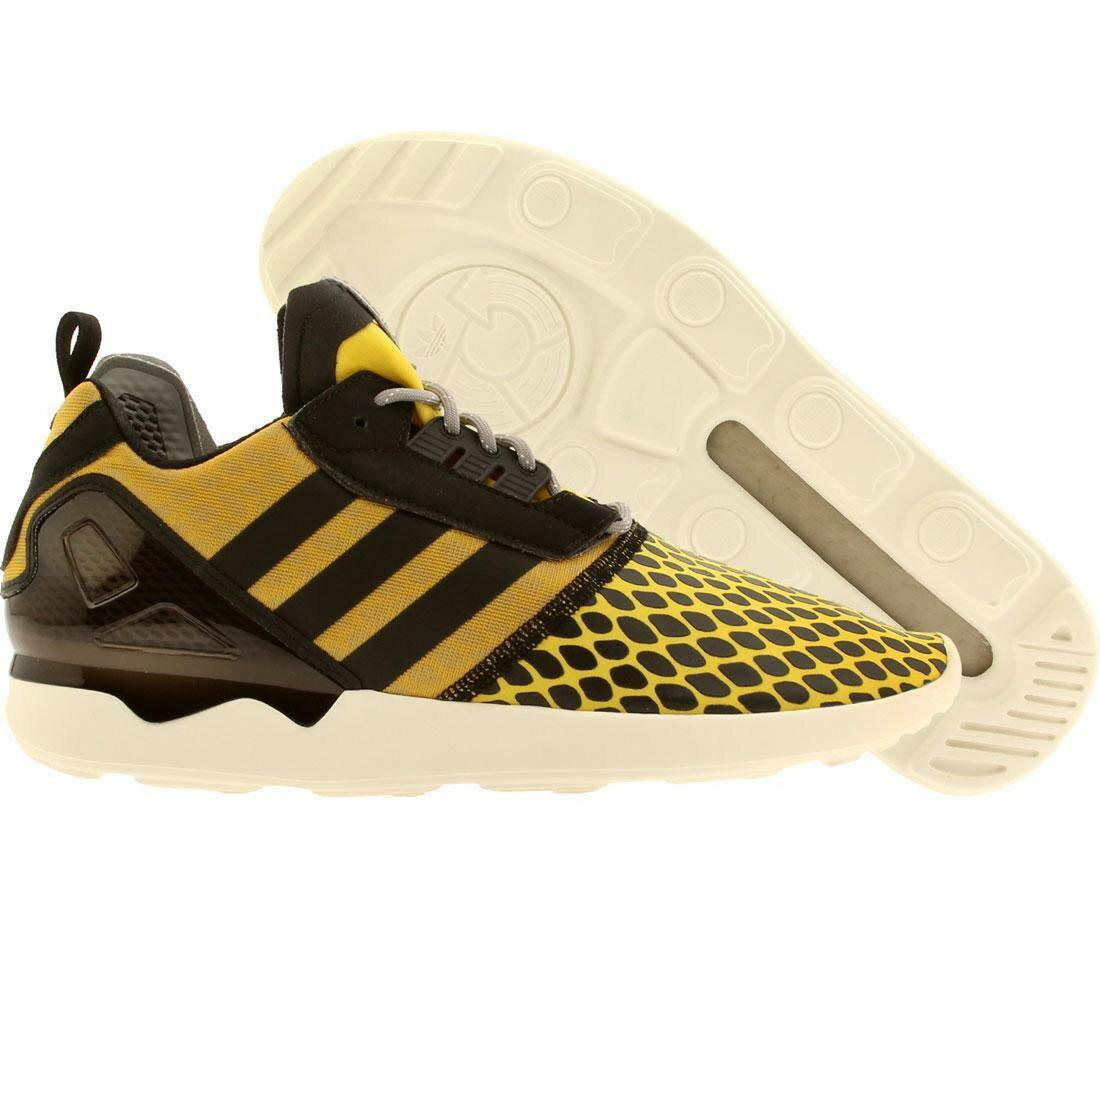 メンズ靴, スニーカー  YELLOW BLACK ADIDAS MEN ZX 8000 BOOST CORN SOLID GREY